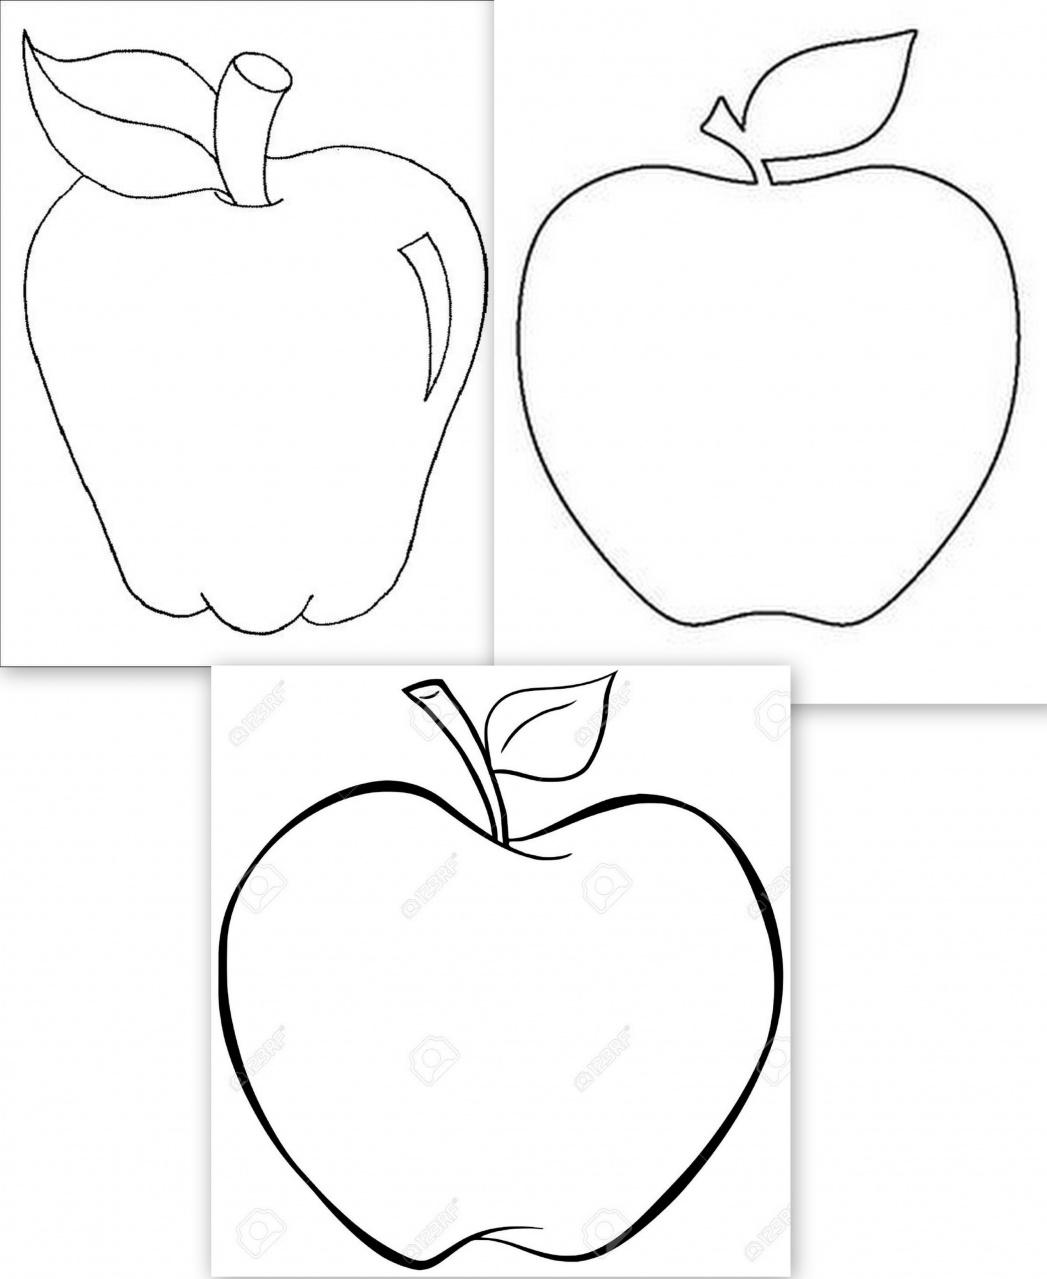 Dessins grosses pommes gabarits fruits galerie - Dessin pomme a colorier ...